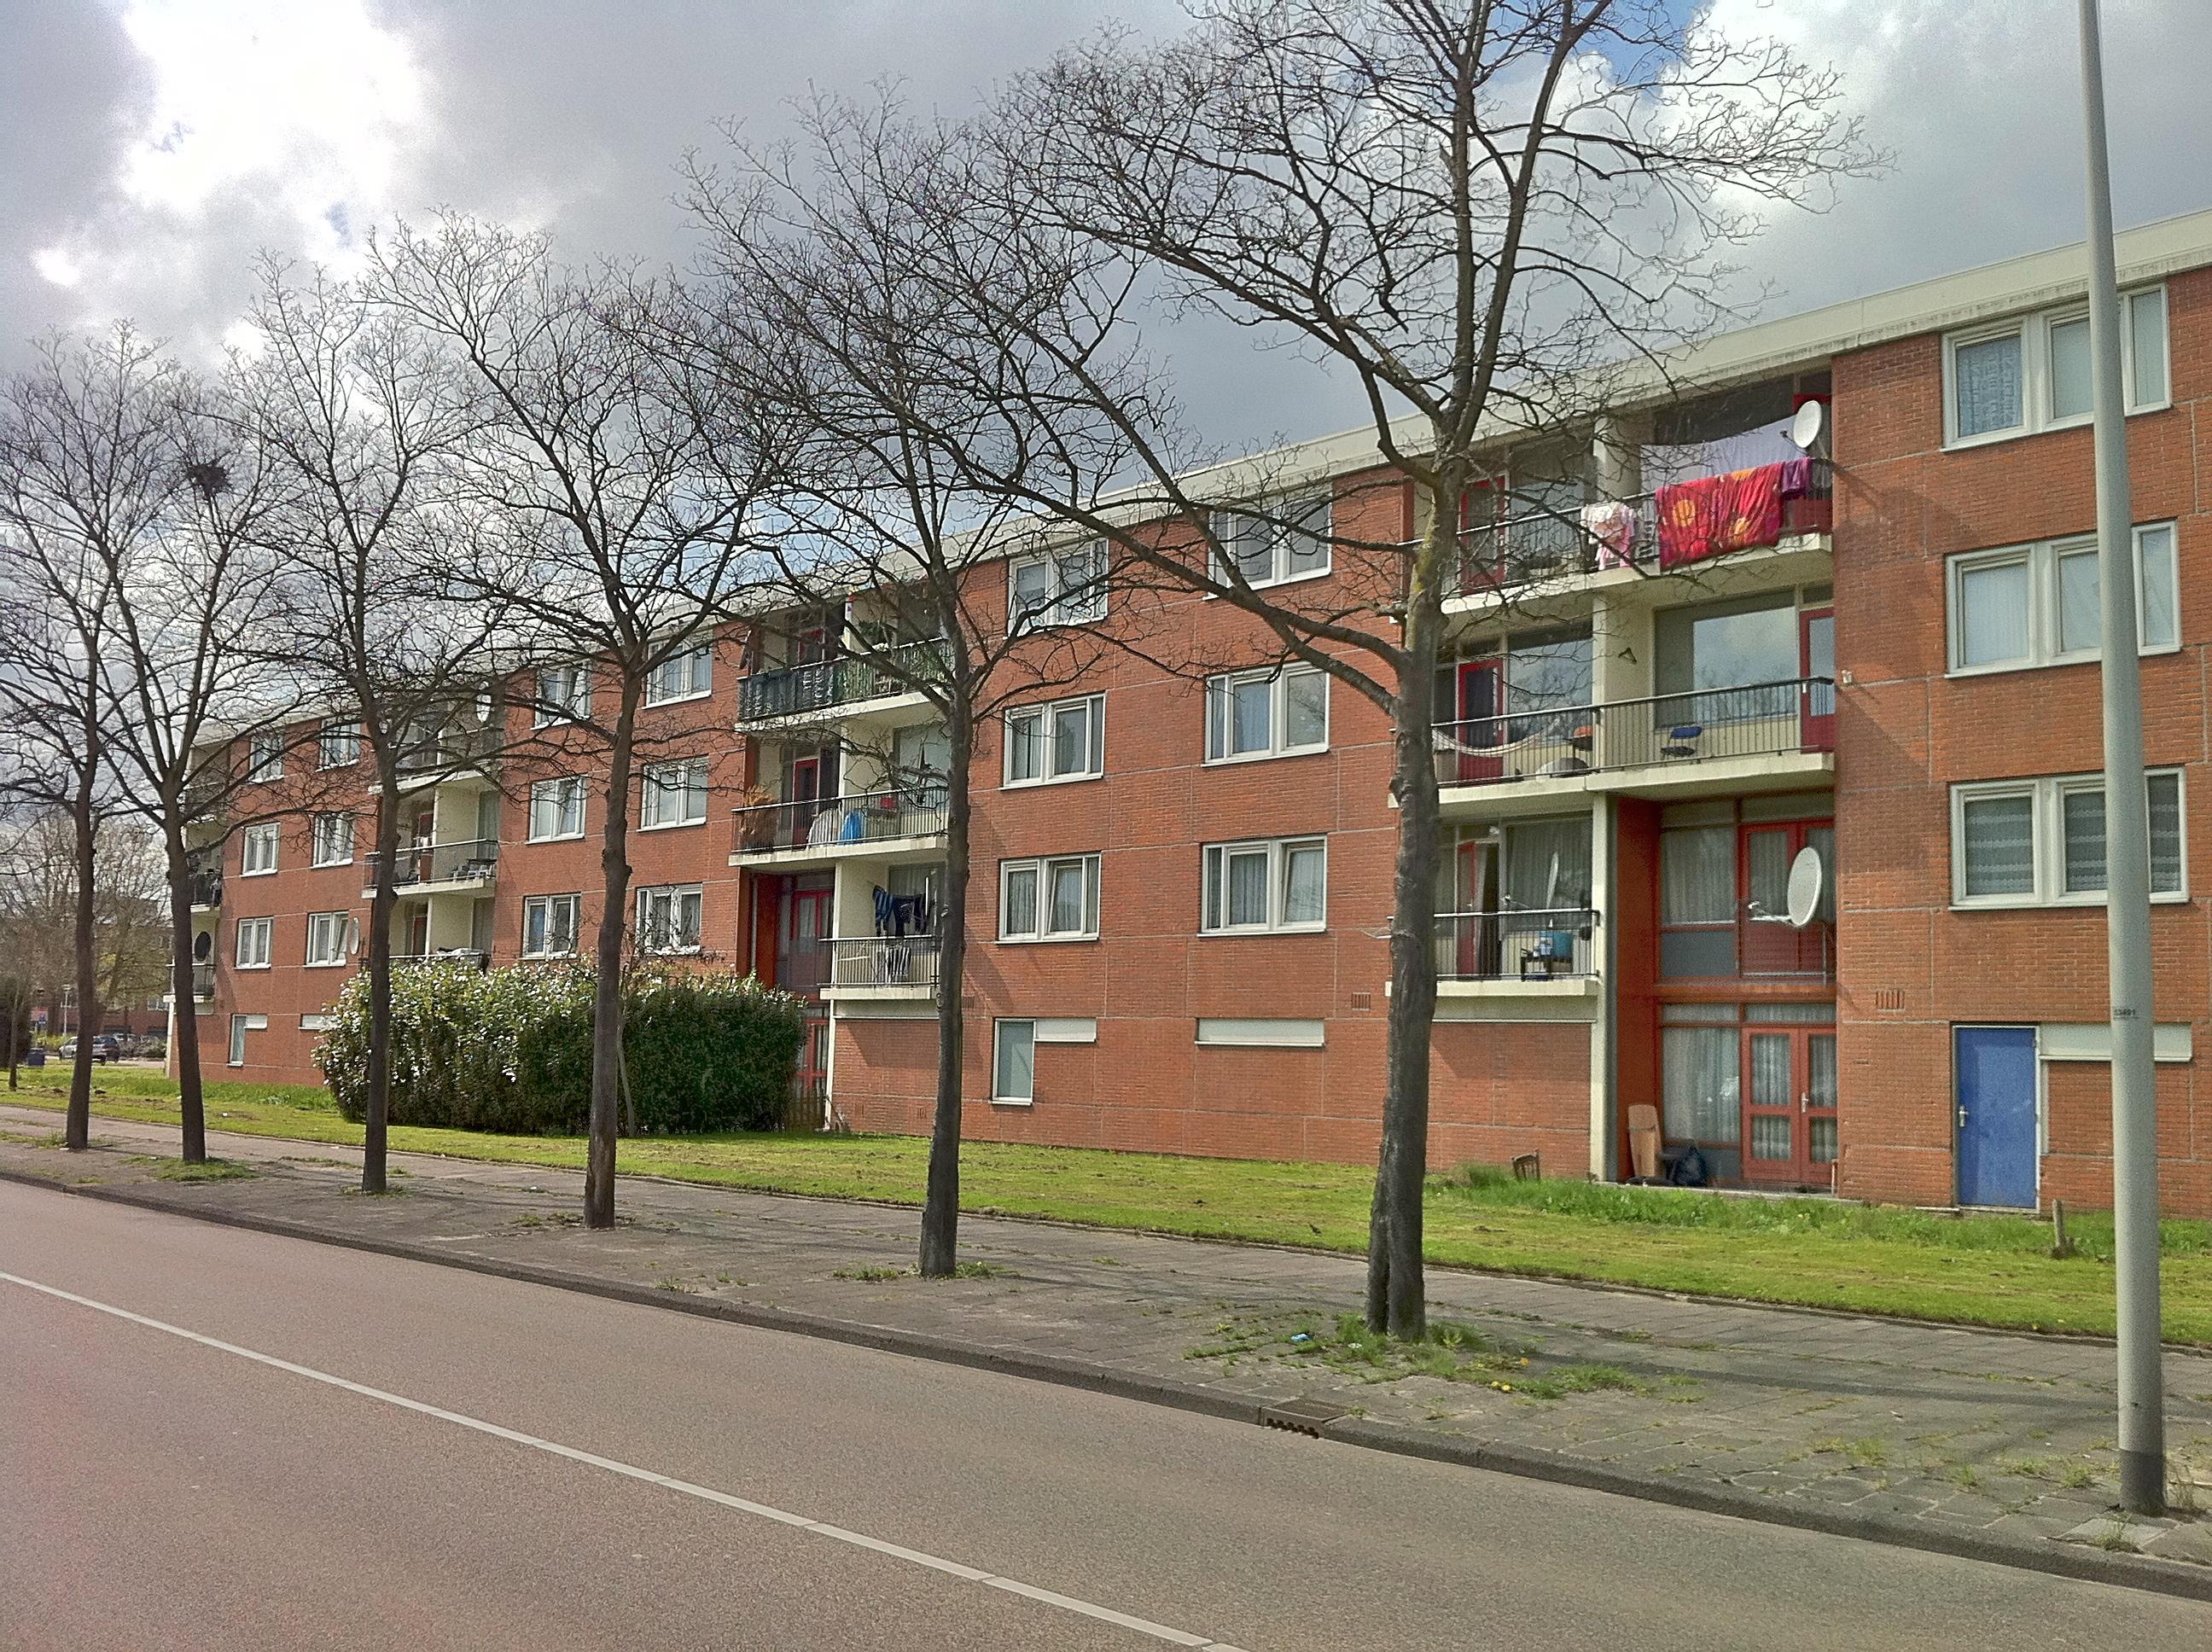 Sanitair winkel amsterdam noord: banneplein 155 1034 bm amsterdam